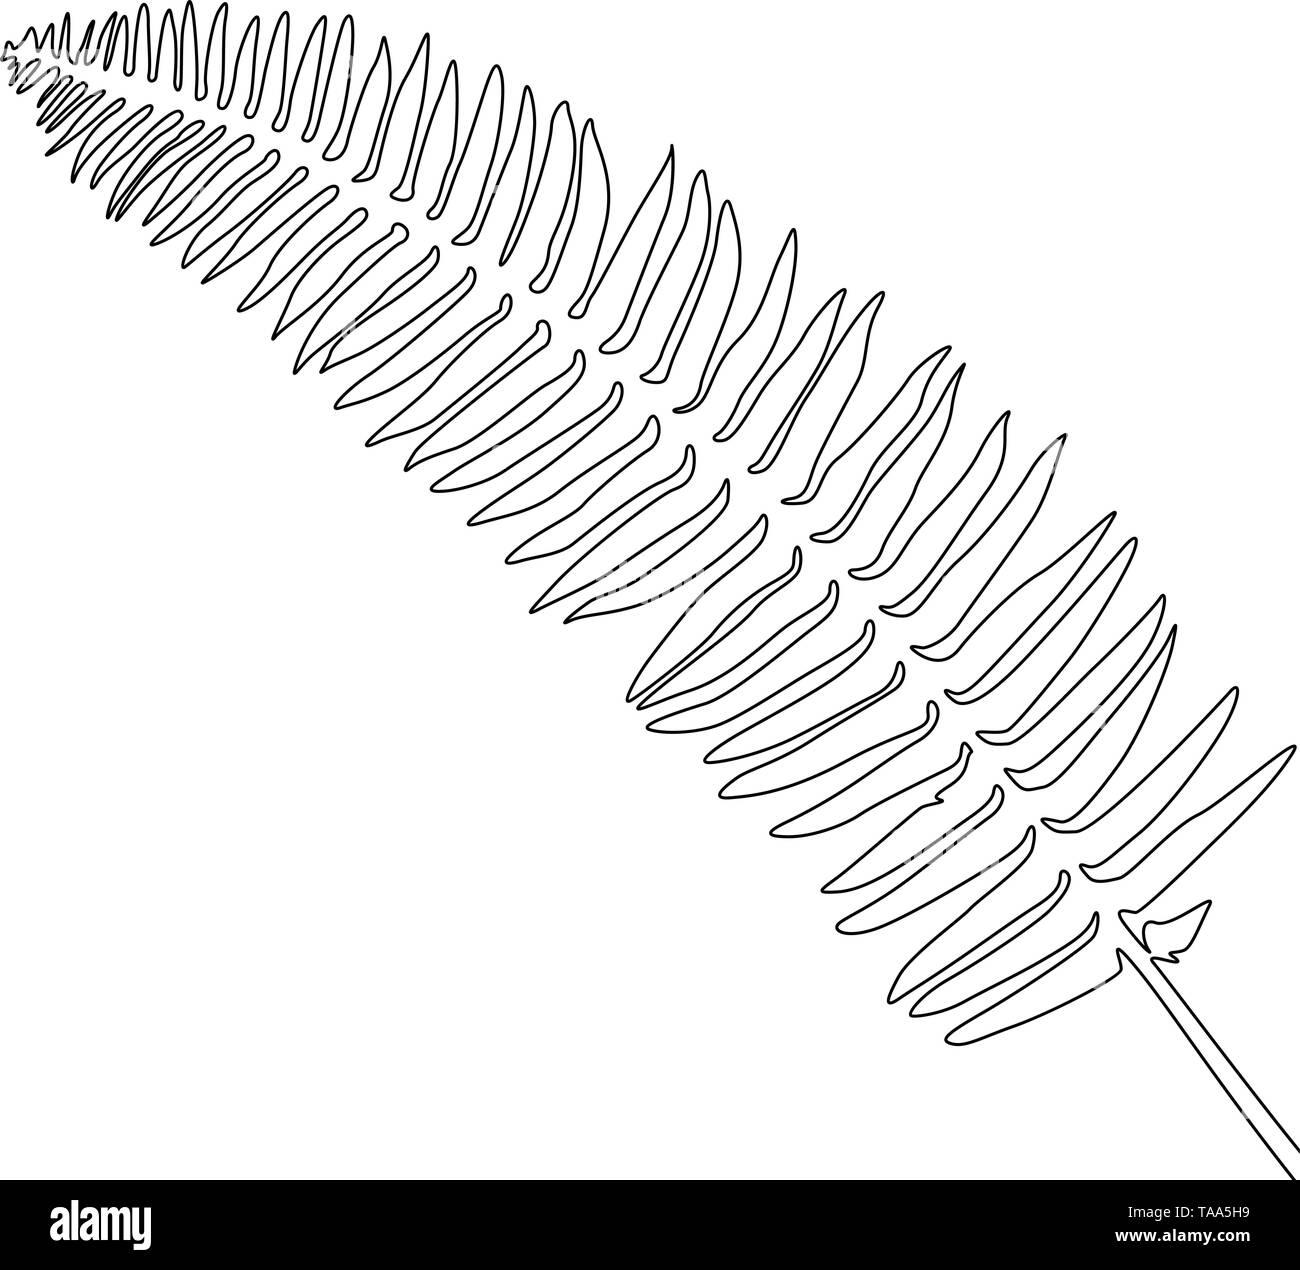 Eine Strichzeichnung Farn. Durchgehende Linie exotische tropische Pflanzen. Stockbild